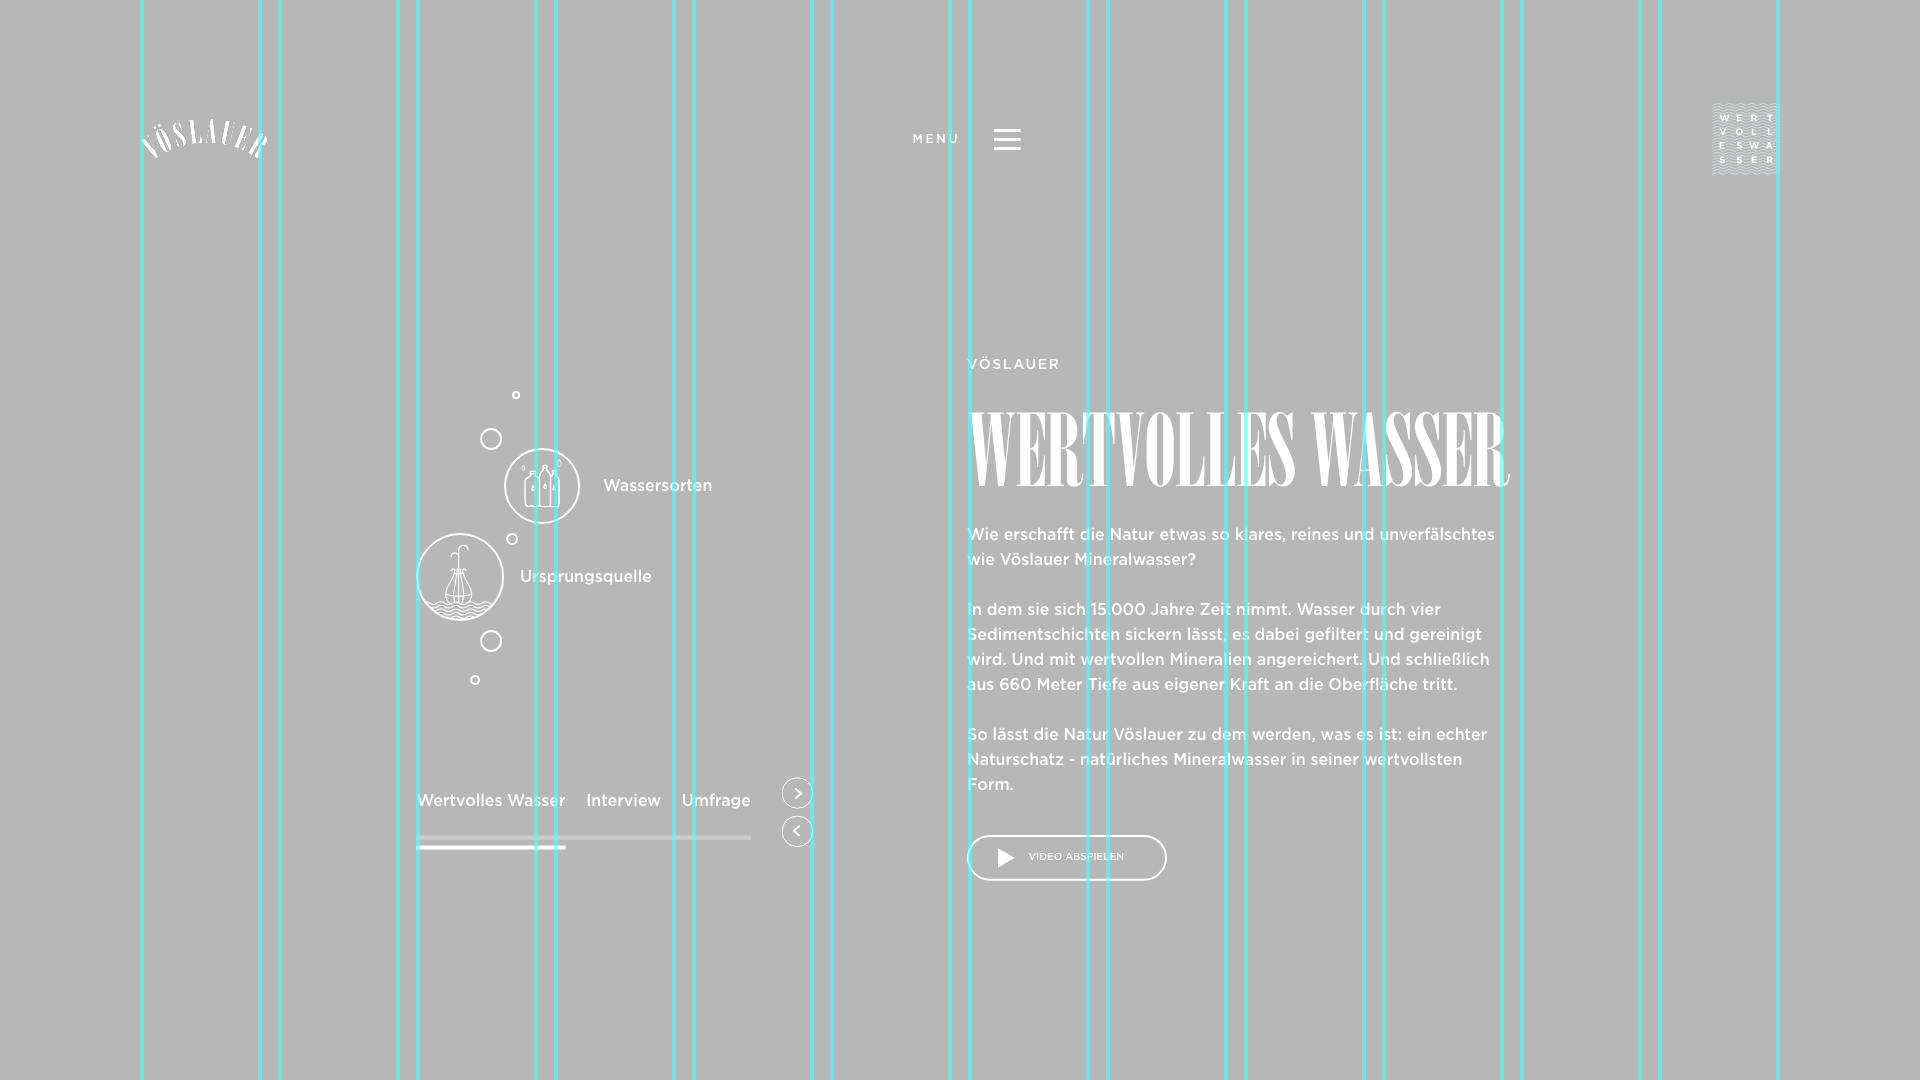 VOE_Wertvolles Wasser Startseite – 3